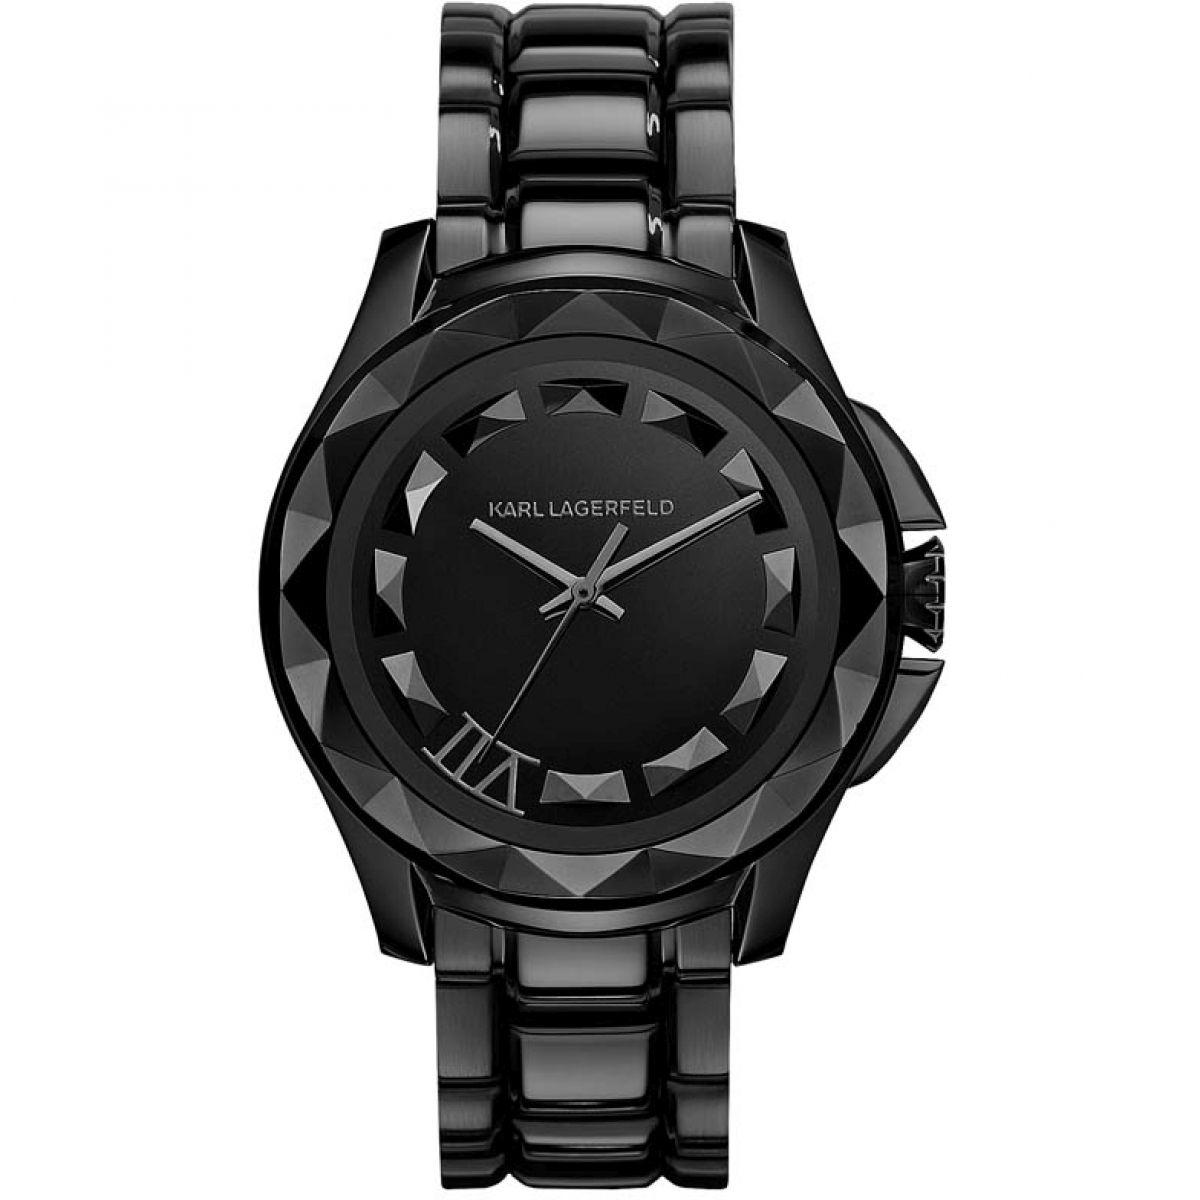 Unisex Karl Lagerfeld Karl 7 Watch KL1001